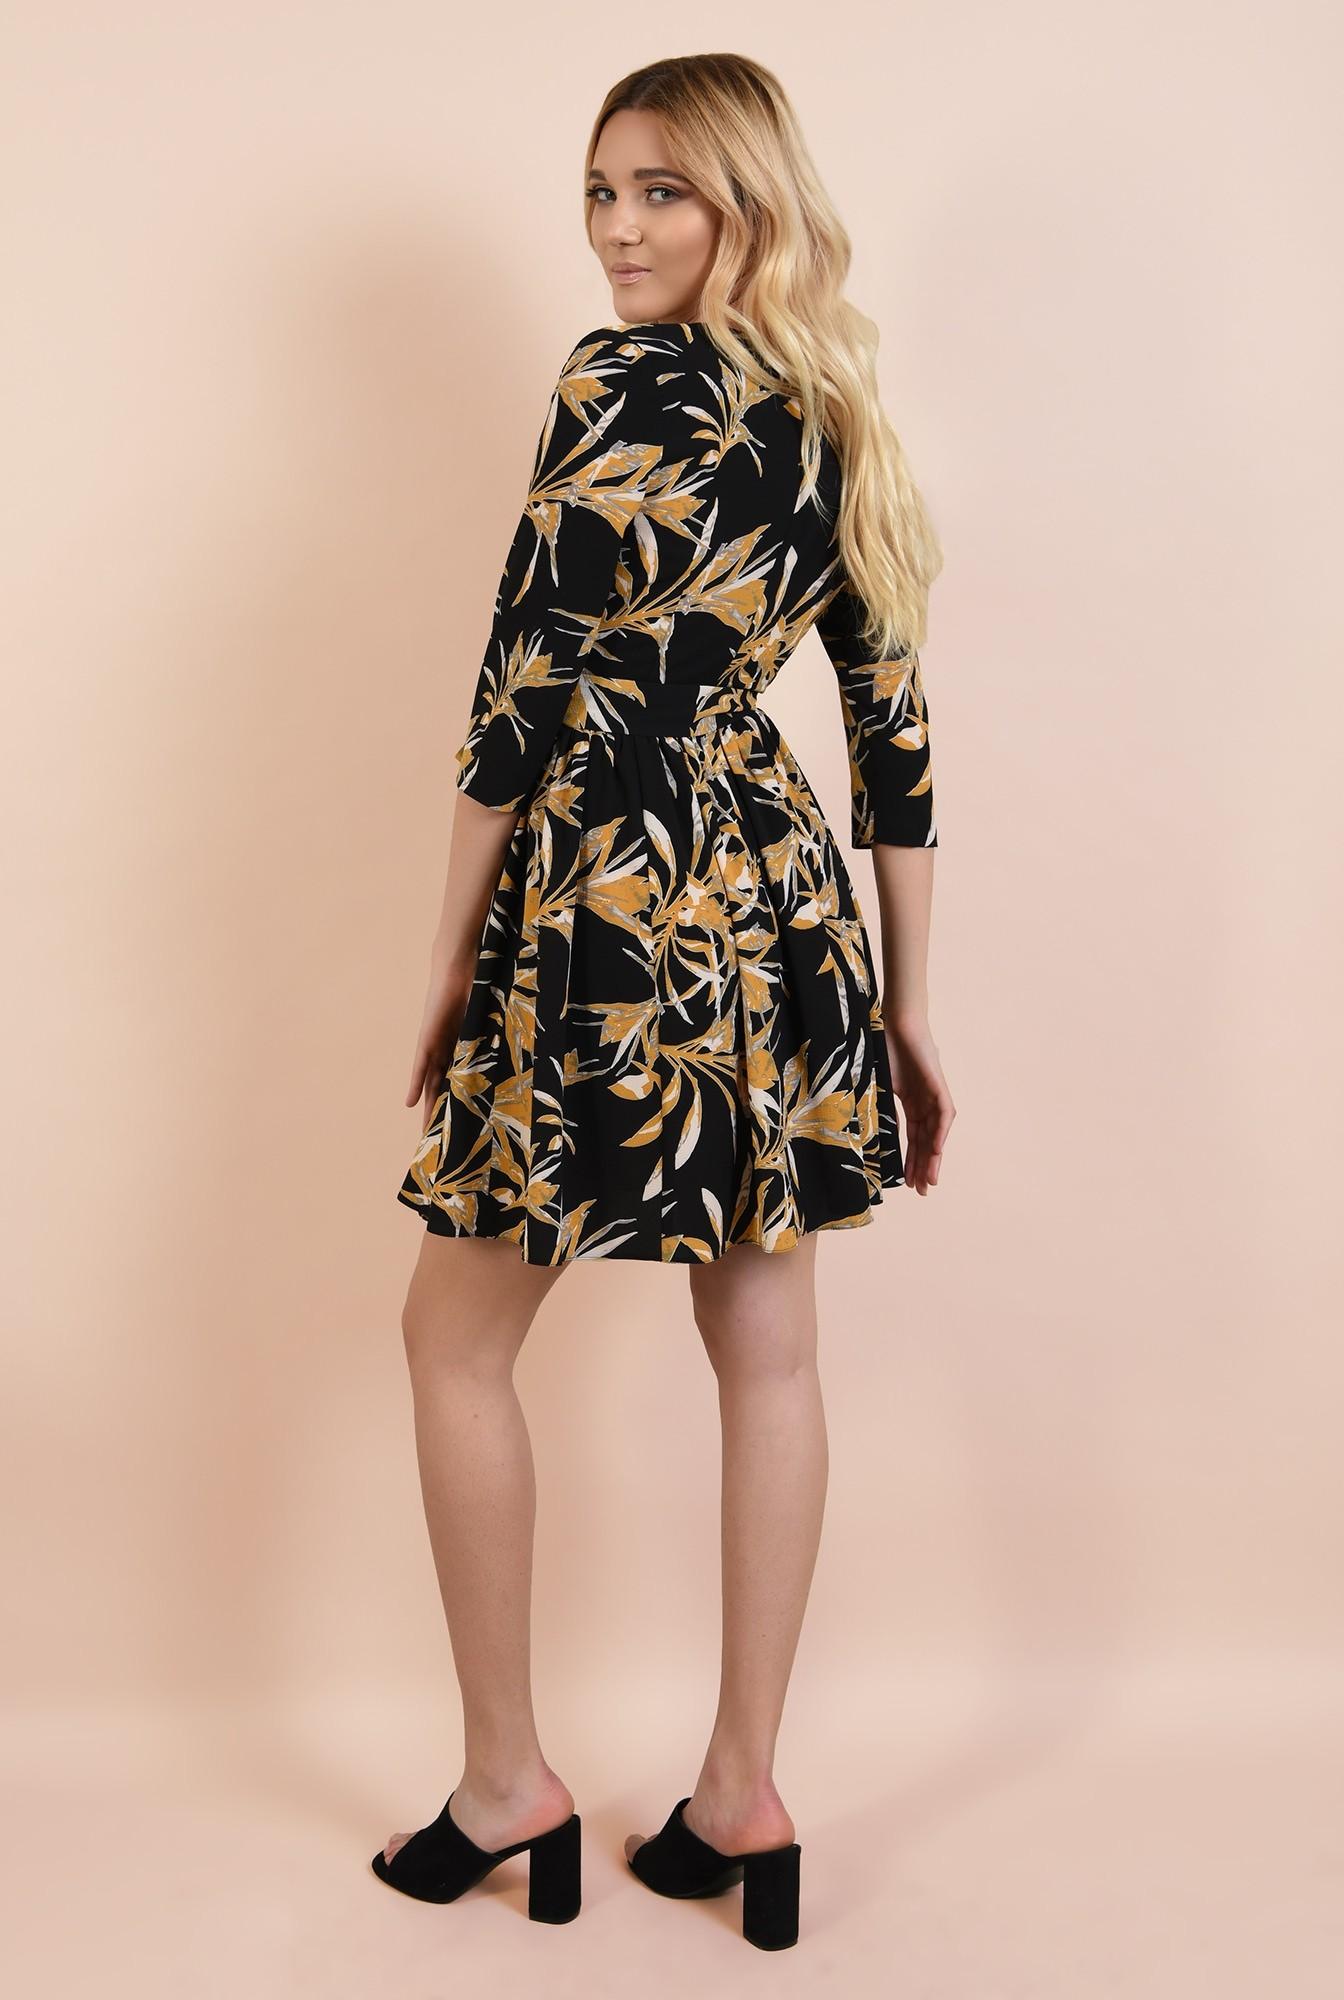 1 - 360 - rochie casual, scurta, cu print floral, anchior petrecut, Poema